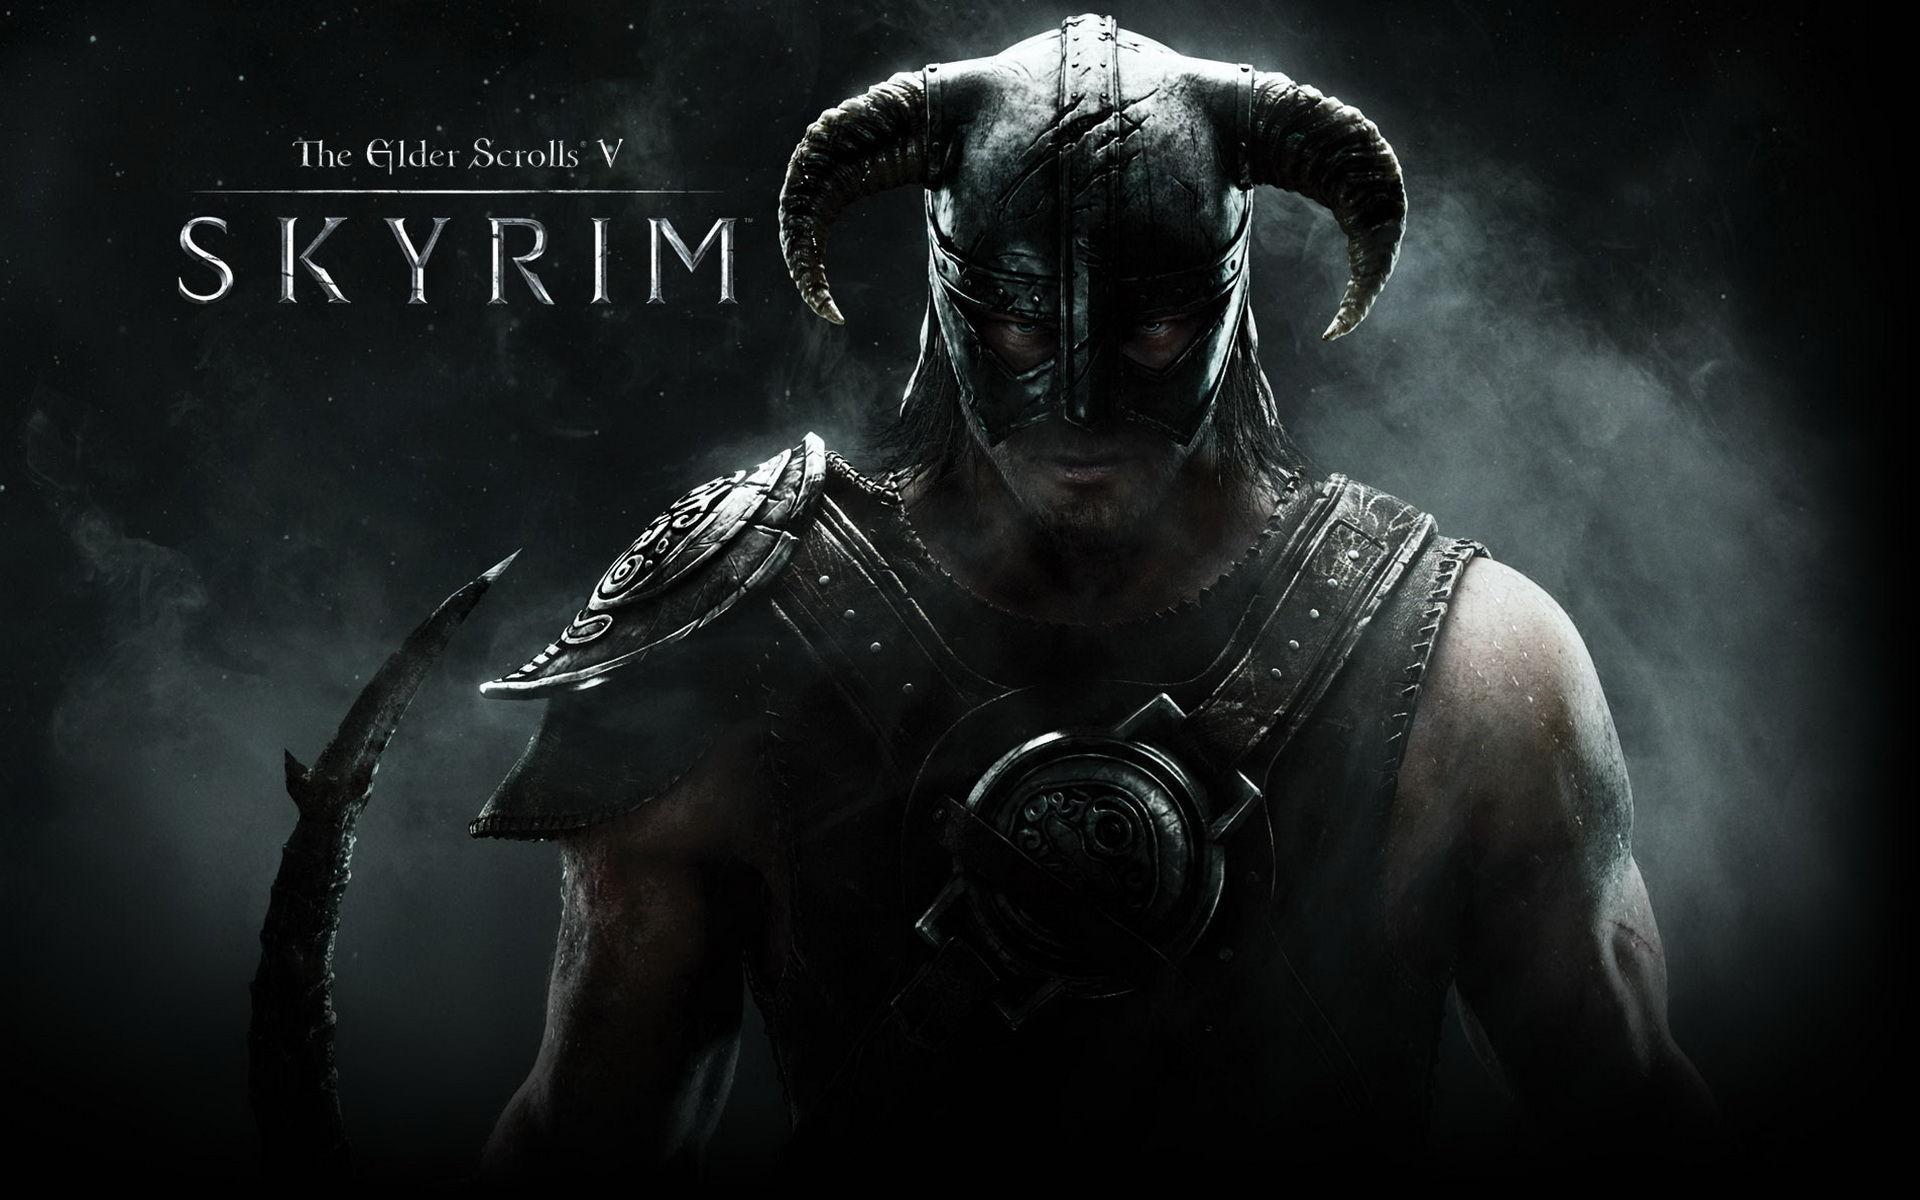 5315 - ¿Cuánto sabes de Skyrim? (Muy fácil)